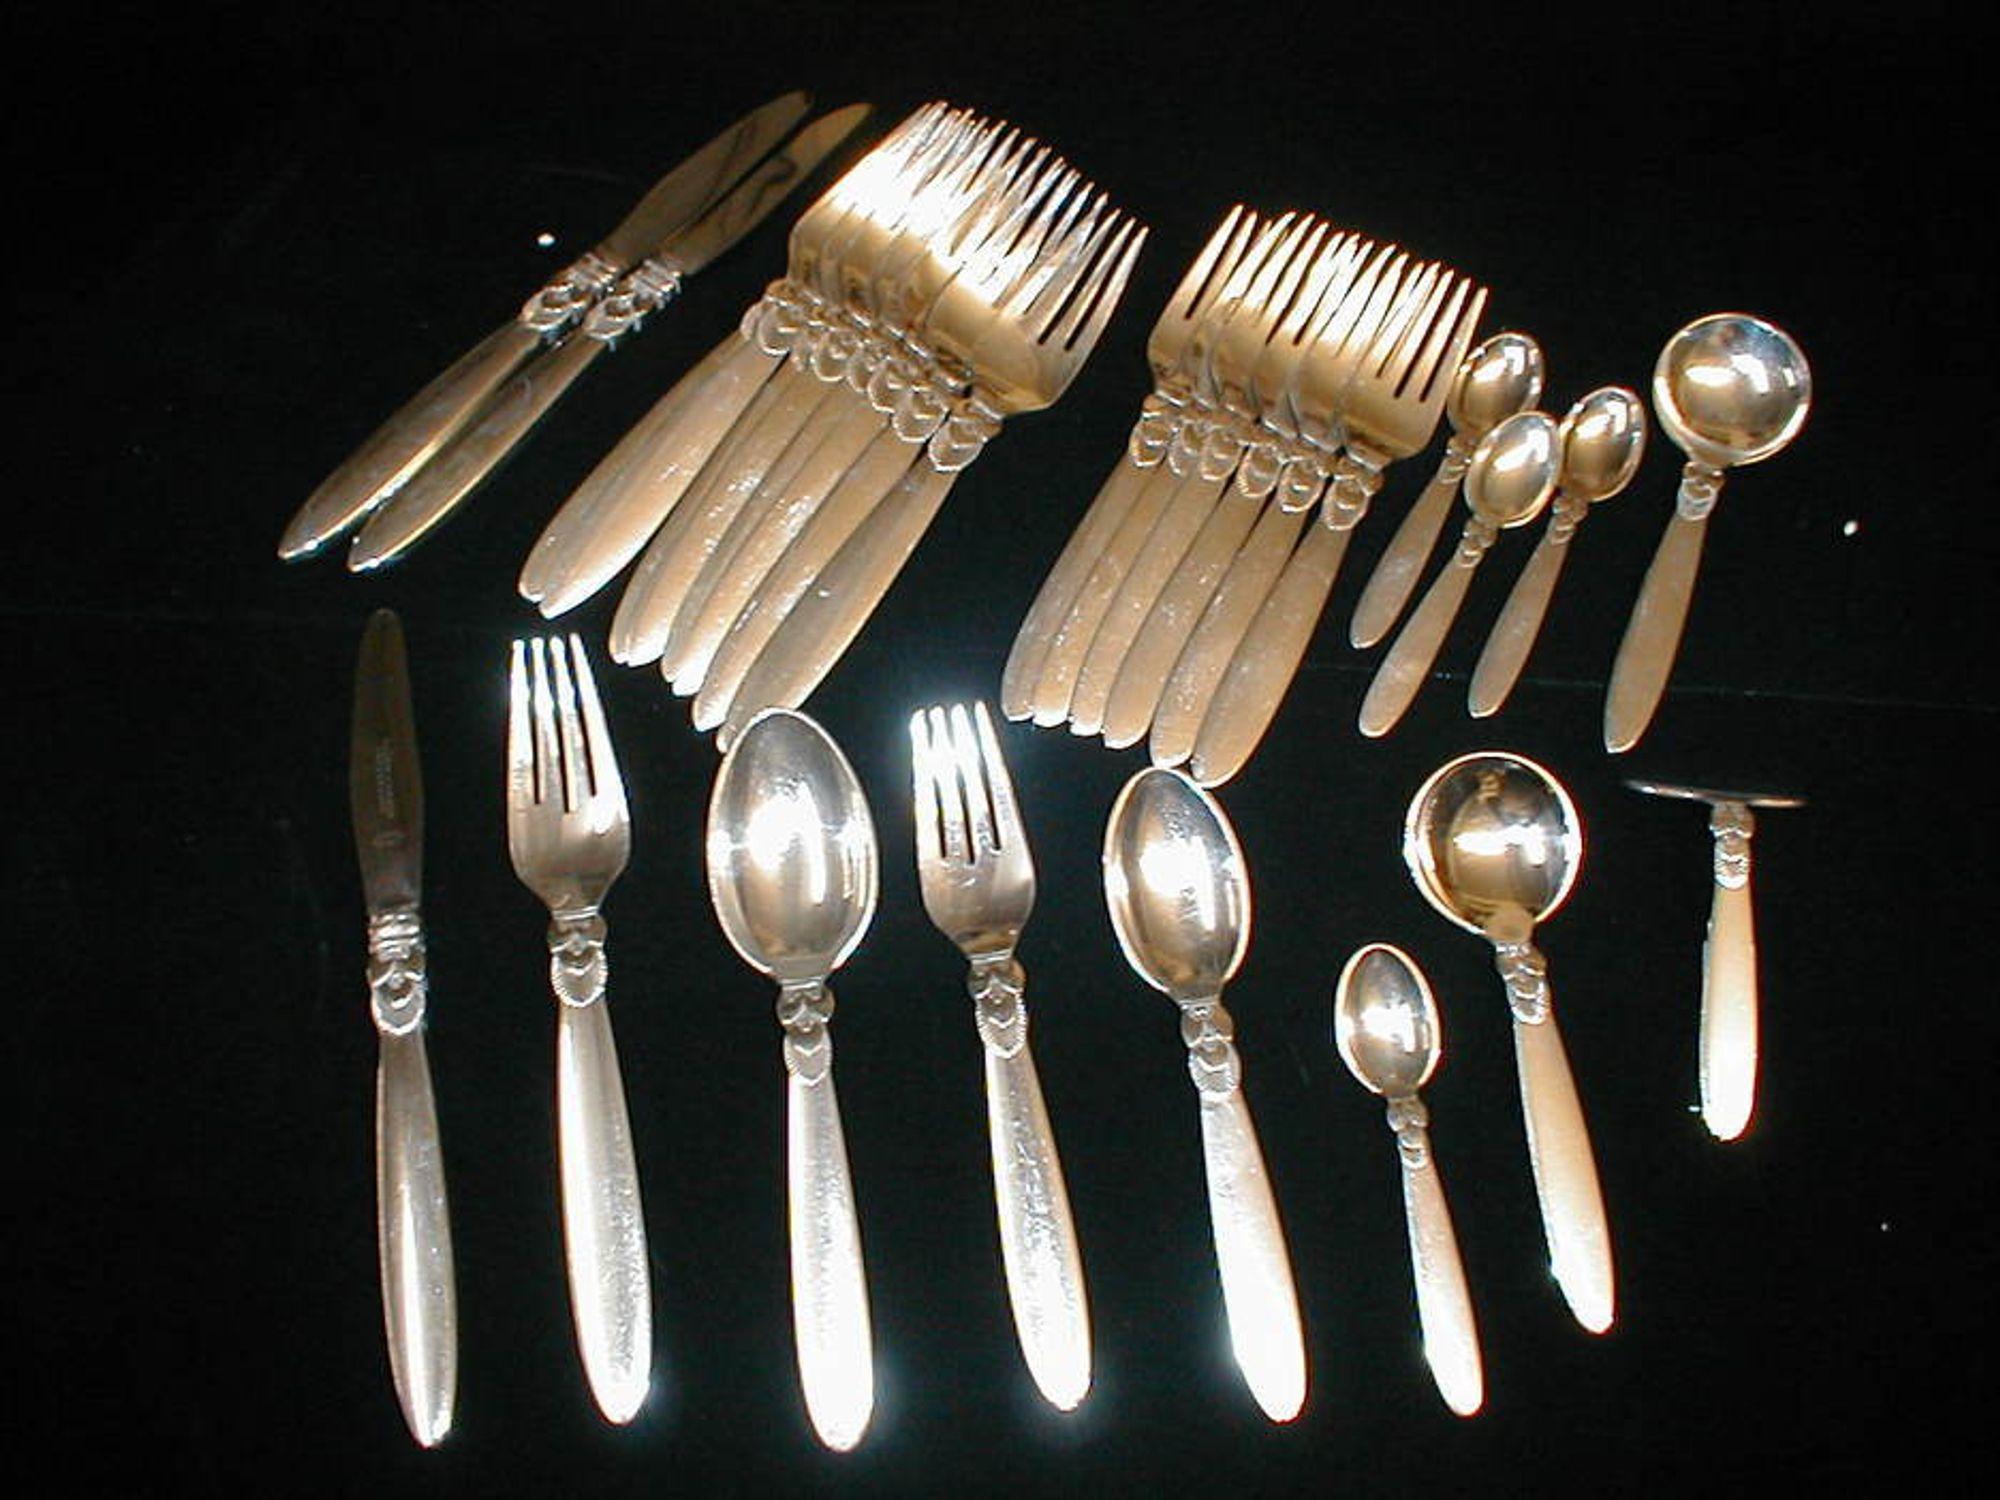 SLUTTPUSSET: Med en ny sølvlegering fra rustfribyen Sheffield trenger ingen lenger å bry seg om sølvpuss, for bestikk osv. holder seg blankt og upåvirket til evig tid. Om man skal tro forskerne.